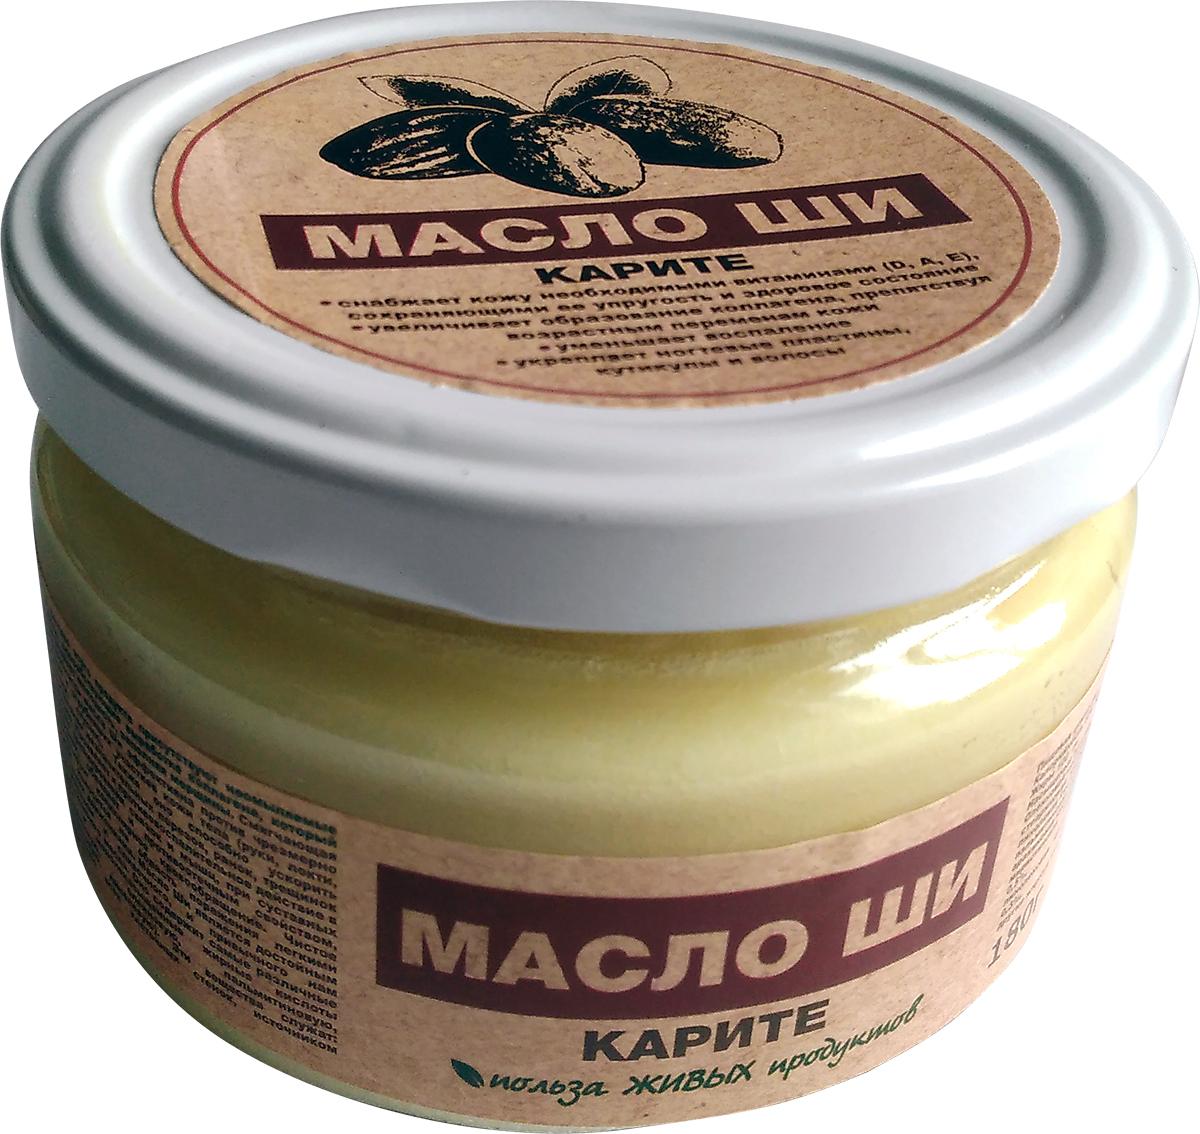 Greenbuffet масло ши нерафинированное, 180 г212027Масло Ши нерафинированное (Карите) снабжает кожу необходимыми витаминами (D, A, E), придает ей упругость и здоровое состояние, препятствует возрастным изменениям. Карите укрепляет ногтевые пластины и волосы. Оказывает противовоспалительное действие. Масло Ши является отличным заменителем сливочного и растительного масел, содержит поли- и мононенасыщенные жирные кислоты.